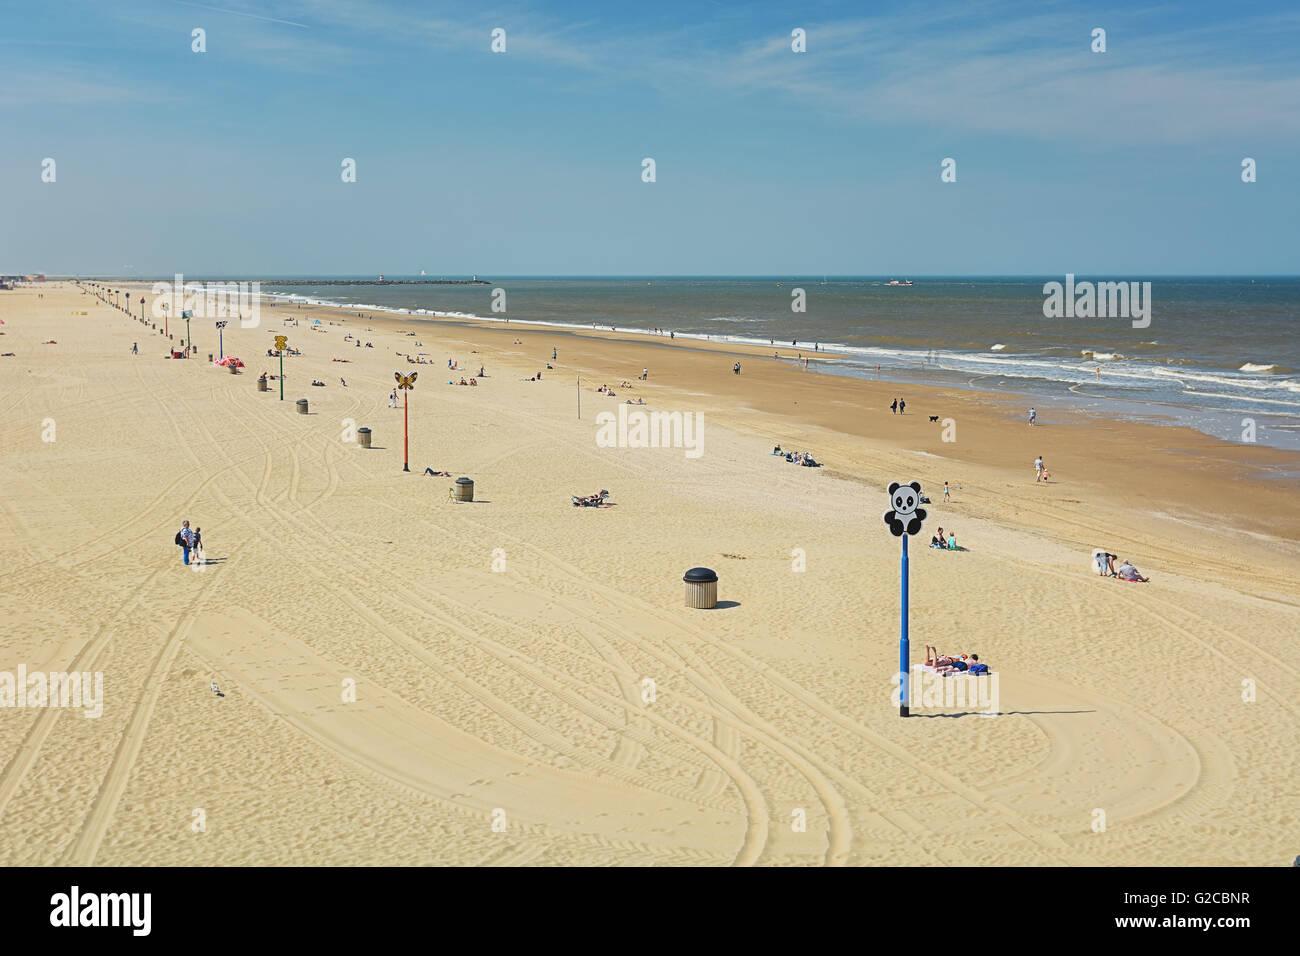 Children landmarks on the beach in Scheveningen, Netherlands. - Stock Image